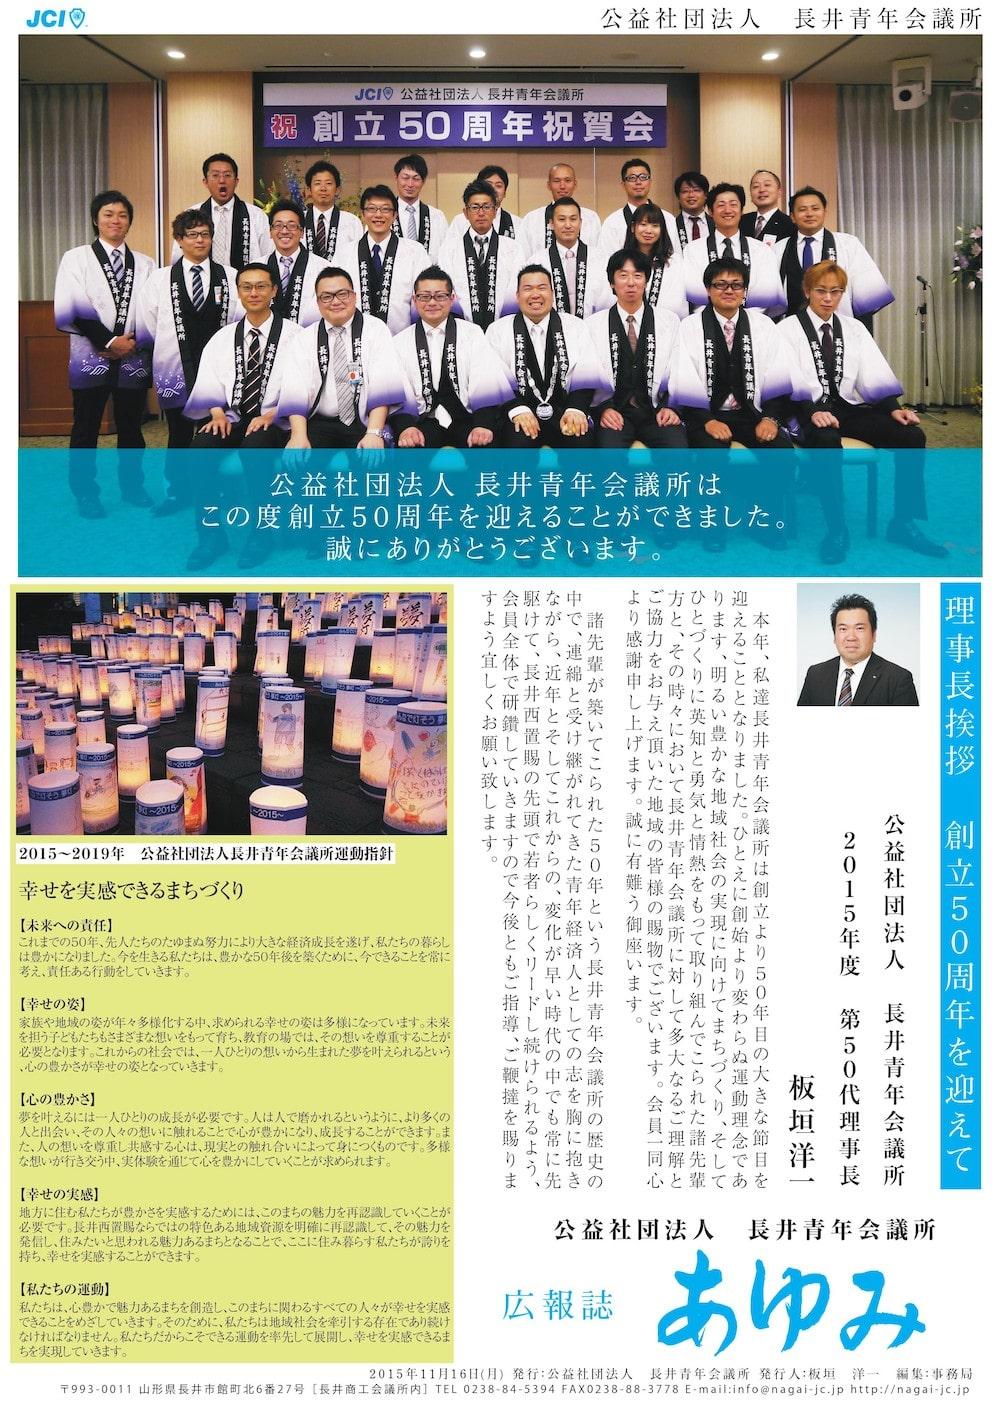 公益社団法人長井青年会議所 広報誌 あゆみ 1/2:画像